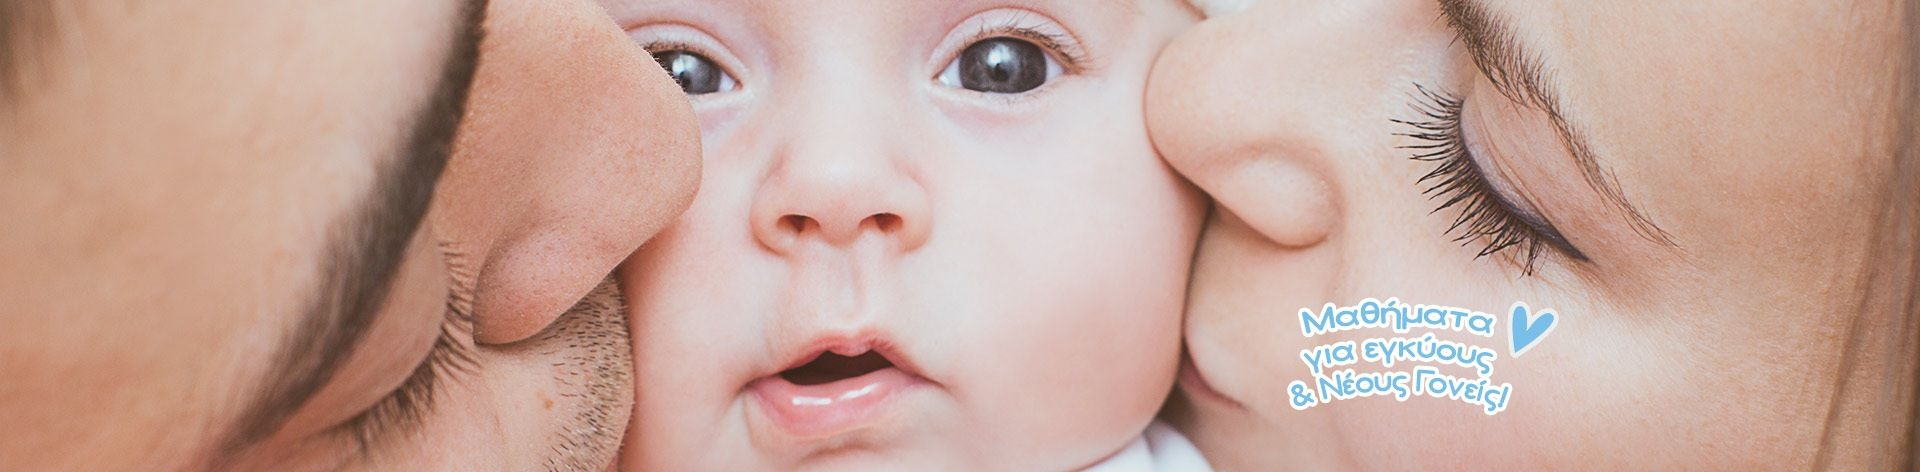 Μαθήματα Για Εγκύους και Νέους Γονείς